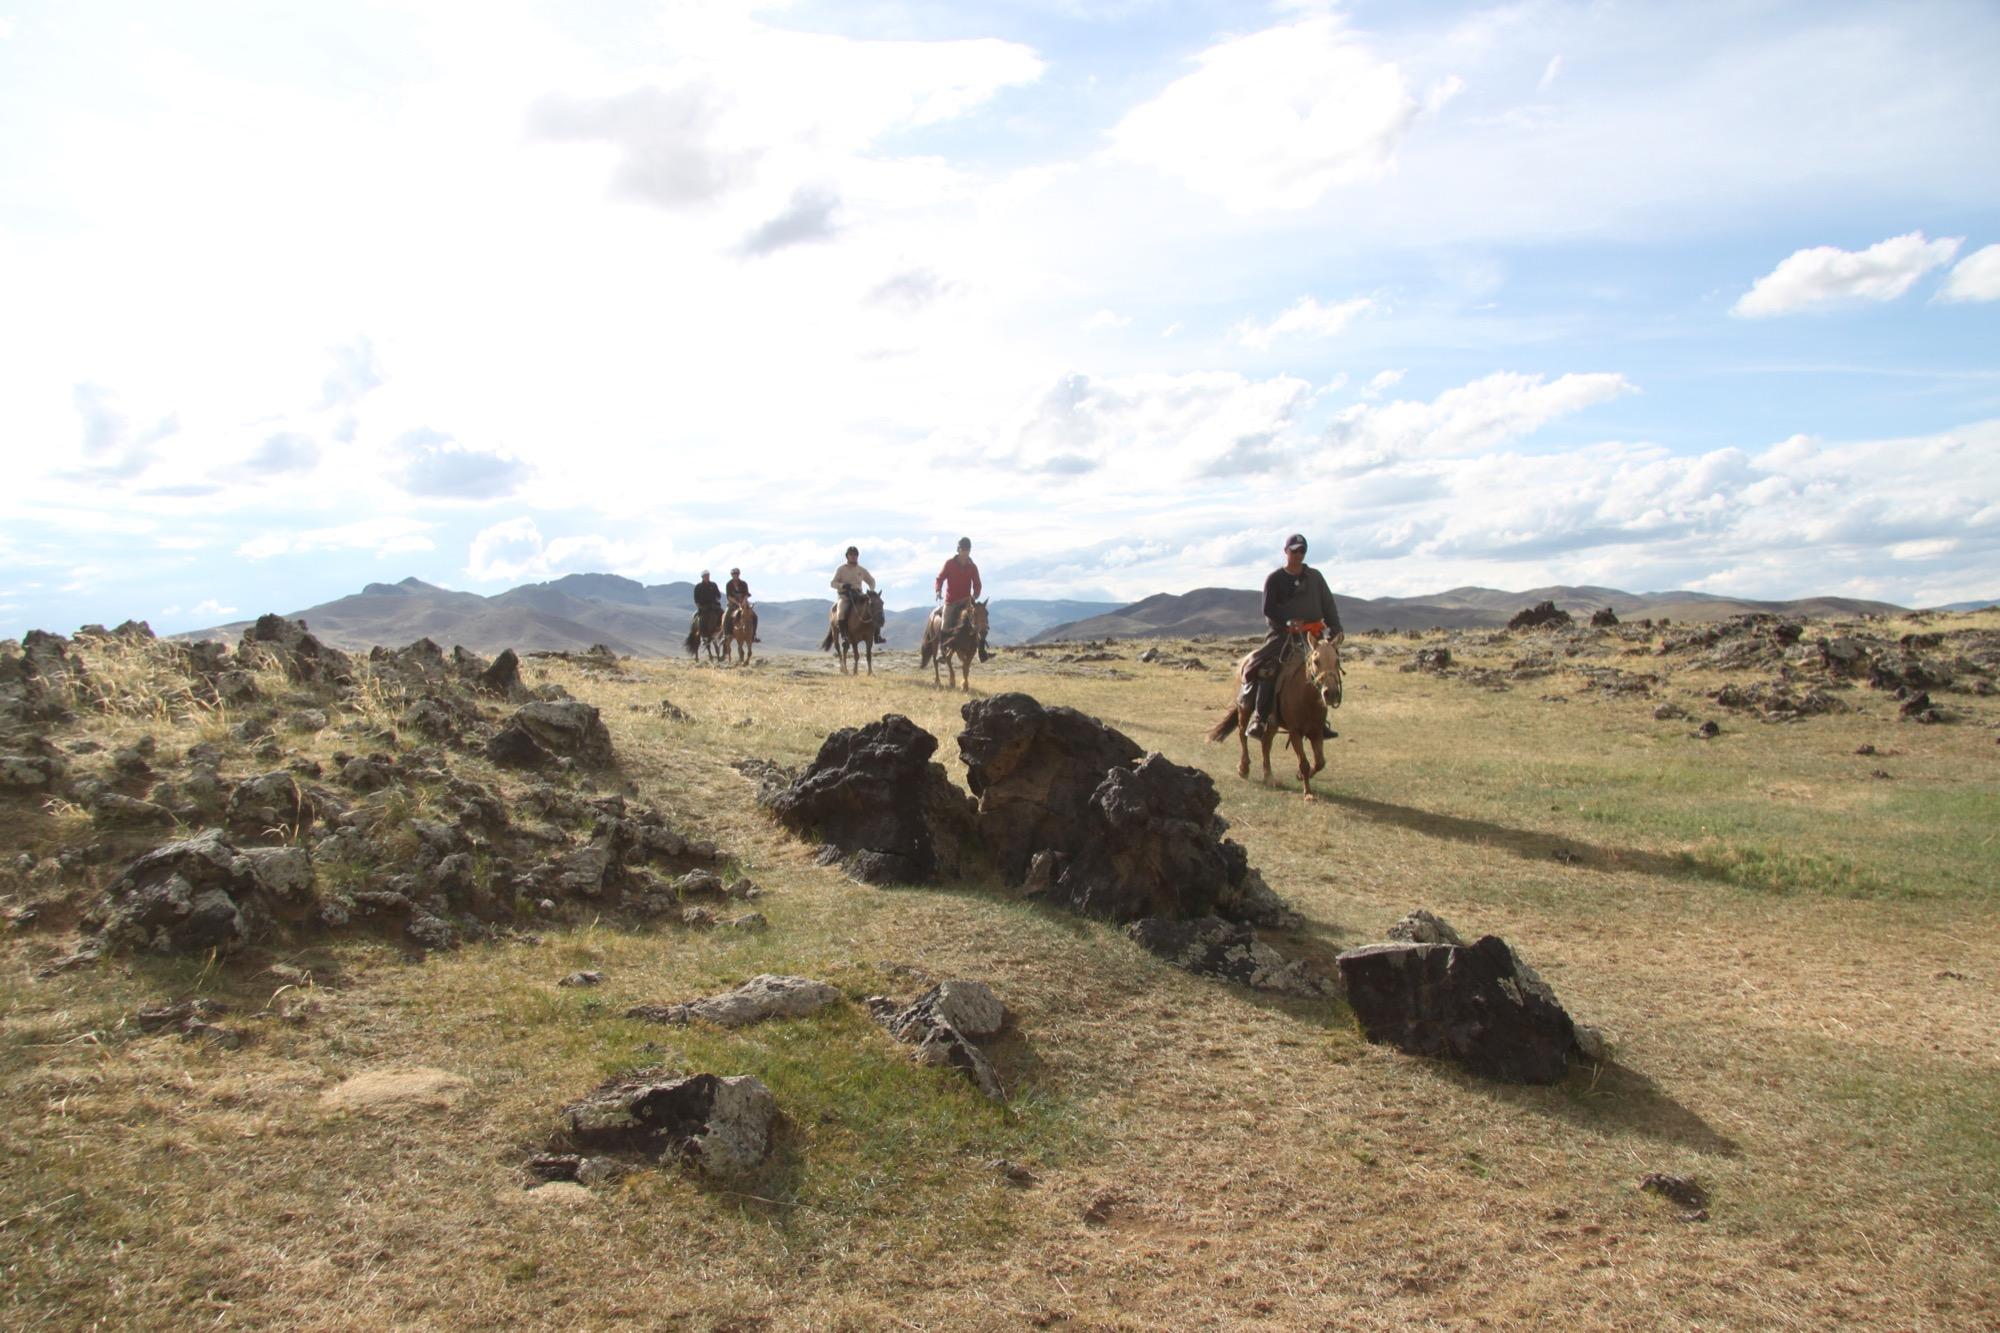 Ver van begane paden in Mongolië - Vakantie te paard / Reisbureau Perlan